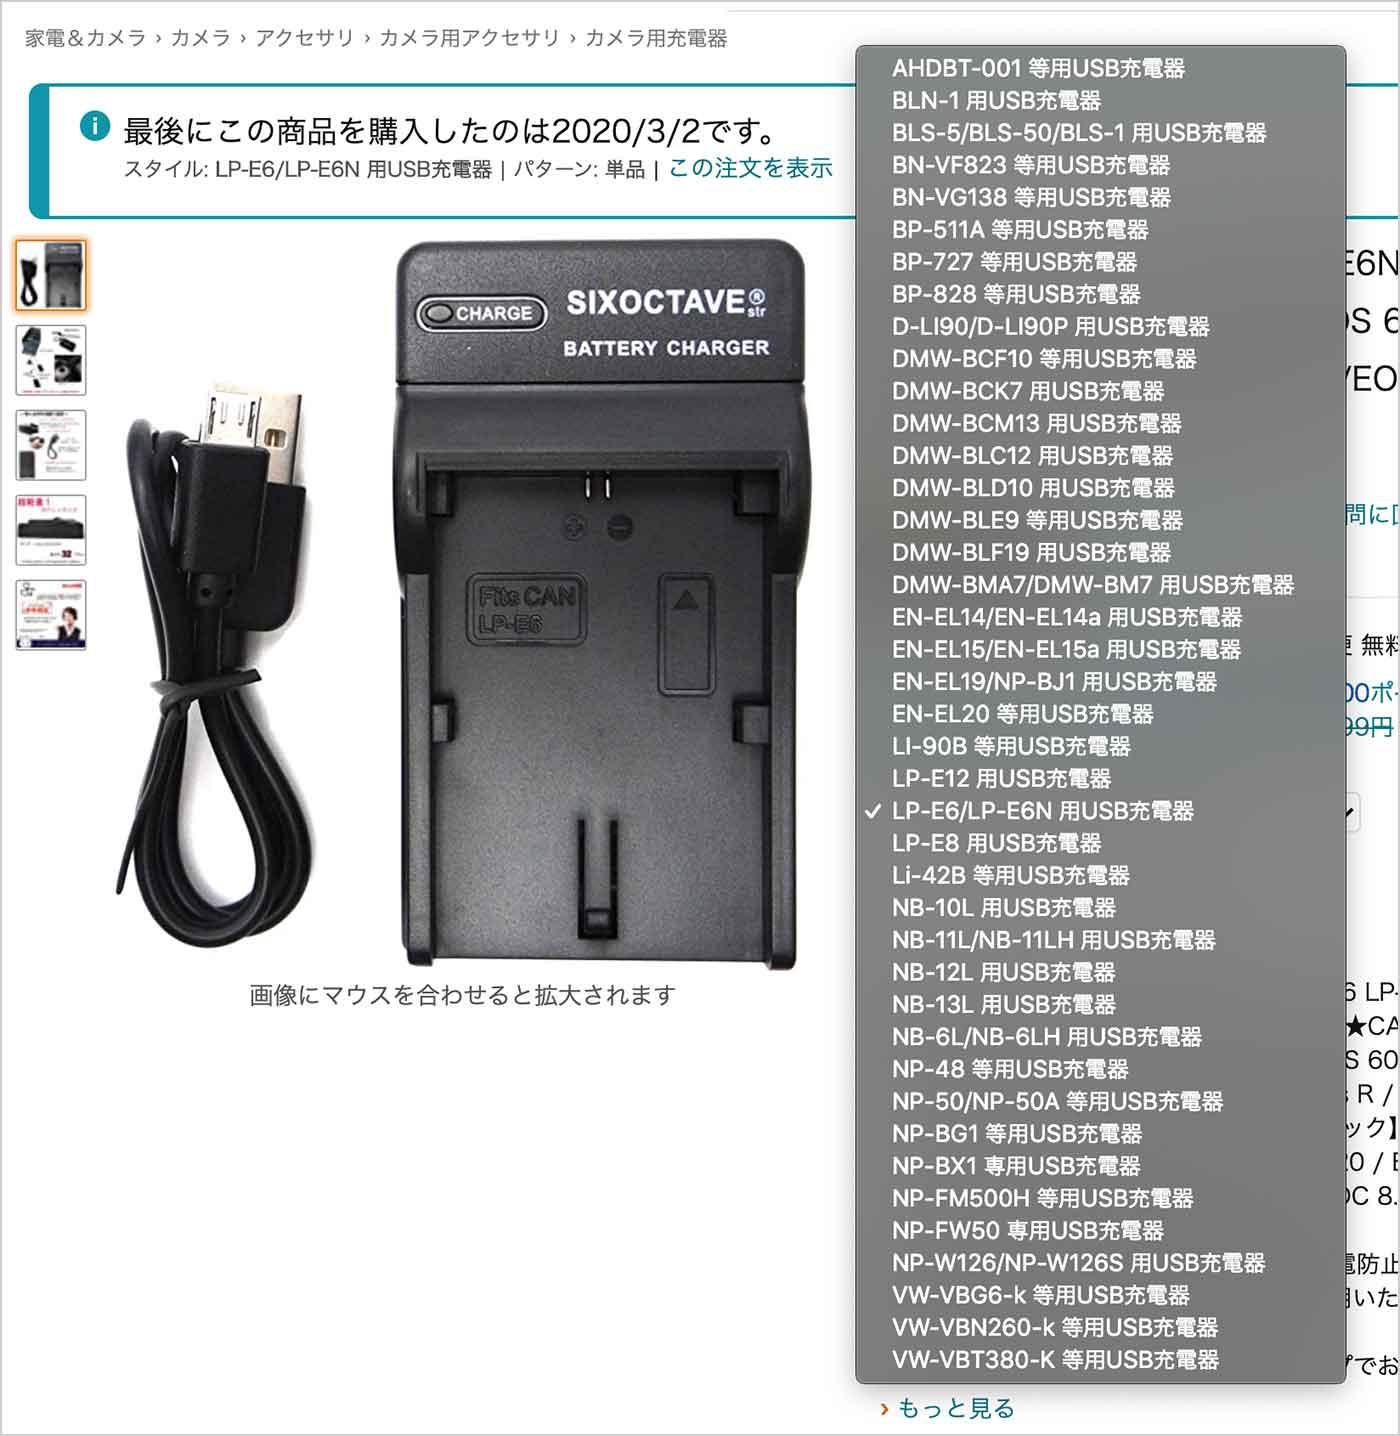 互換充電器USBチャージャーのラインナップ